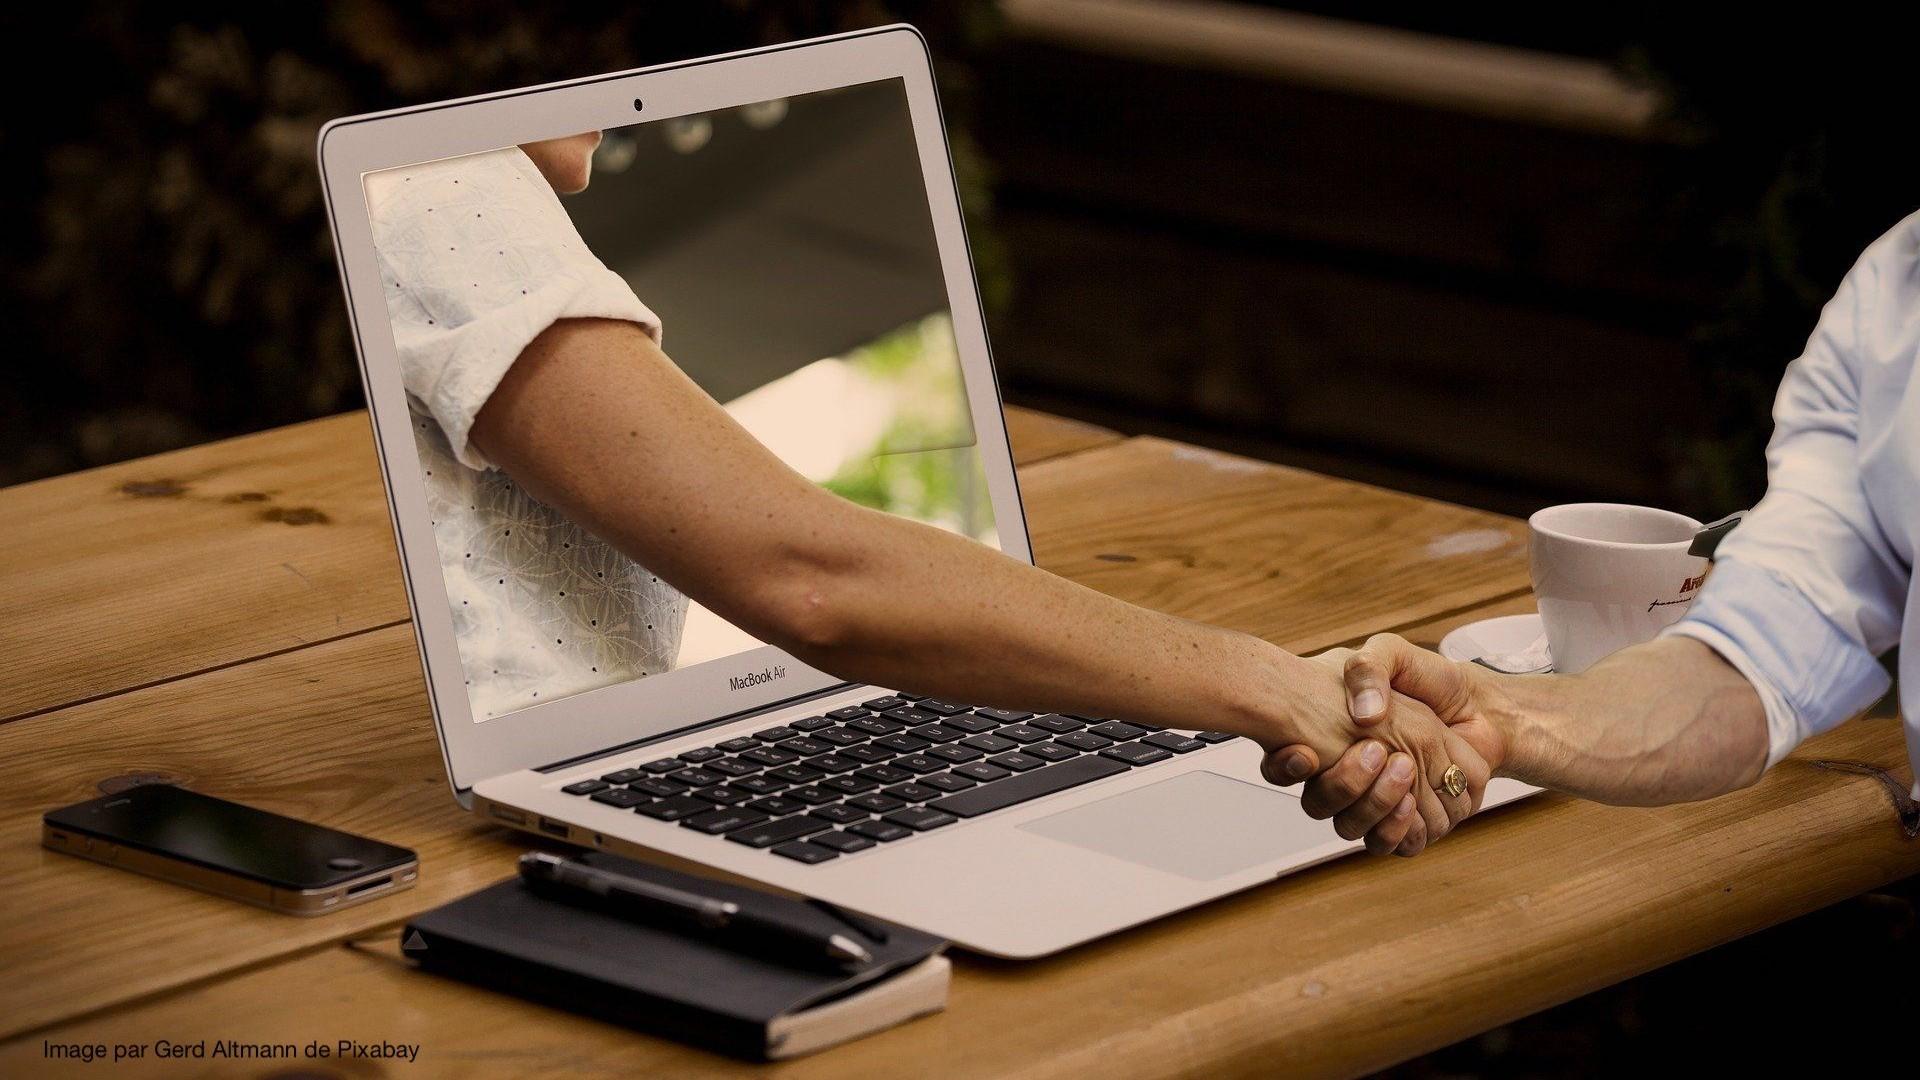 Représentation de la formation : Concevoir une formation en ligne spécifique au contexte de la relation d'aide